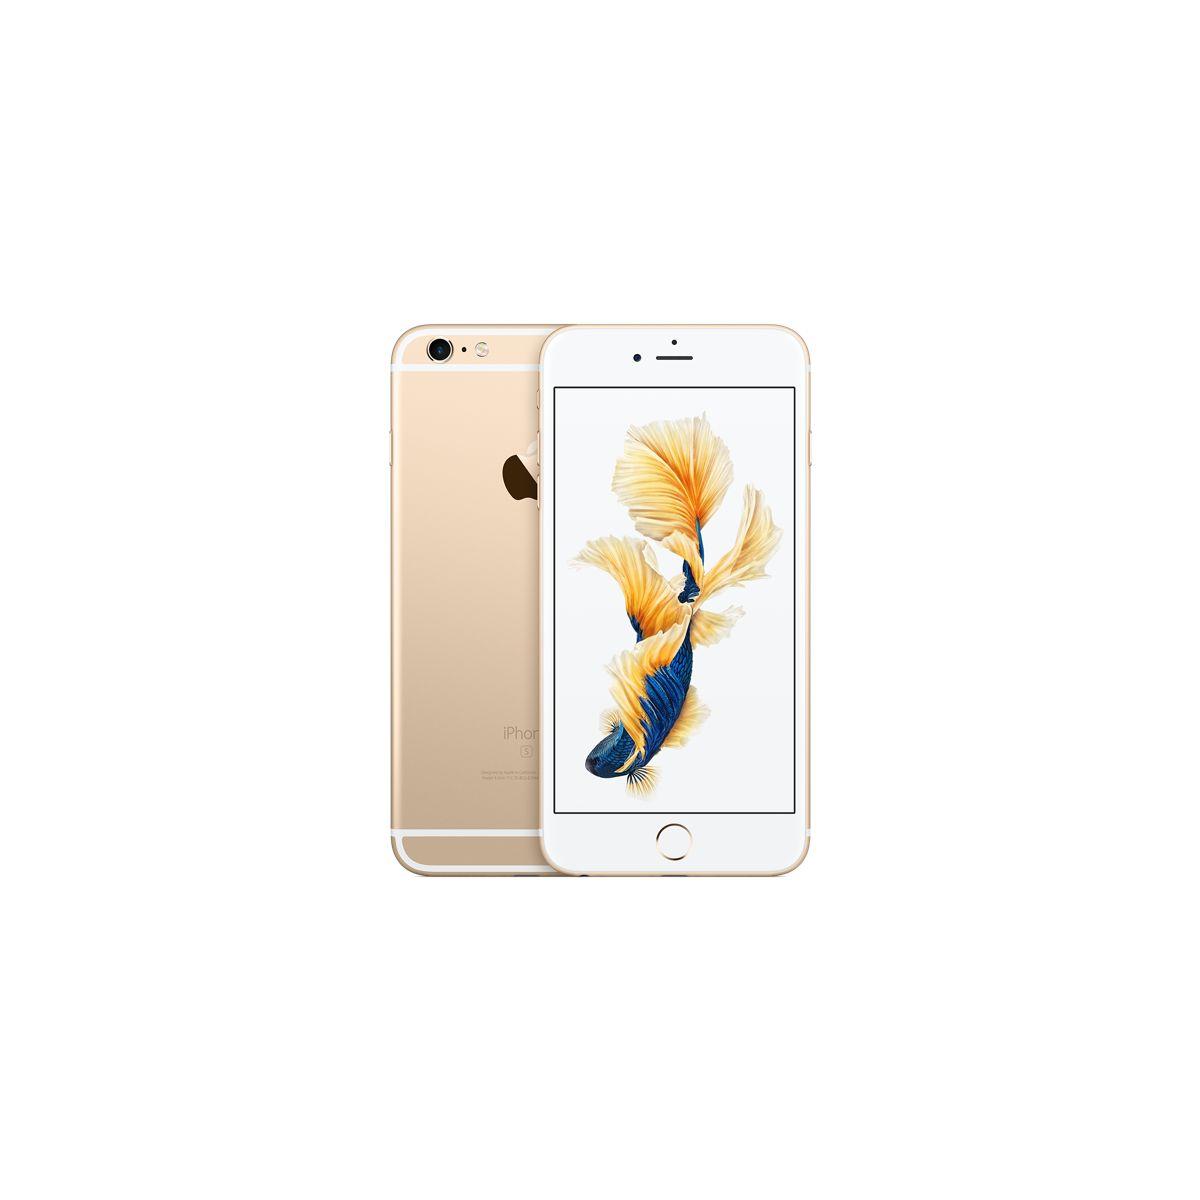 Apple iphone 6s plus 128 go or - 2% de remise immédiate avec le code : fete2 (photo)